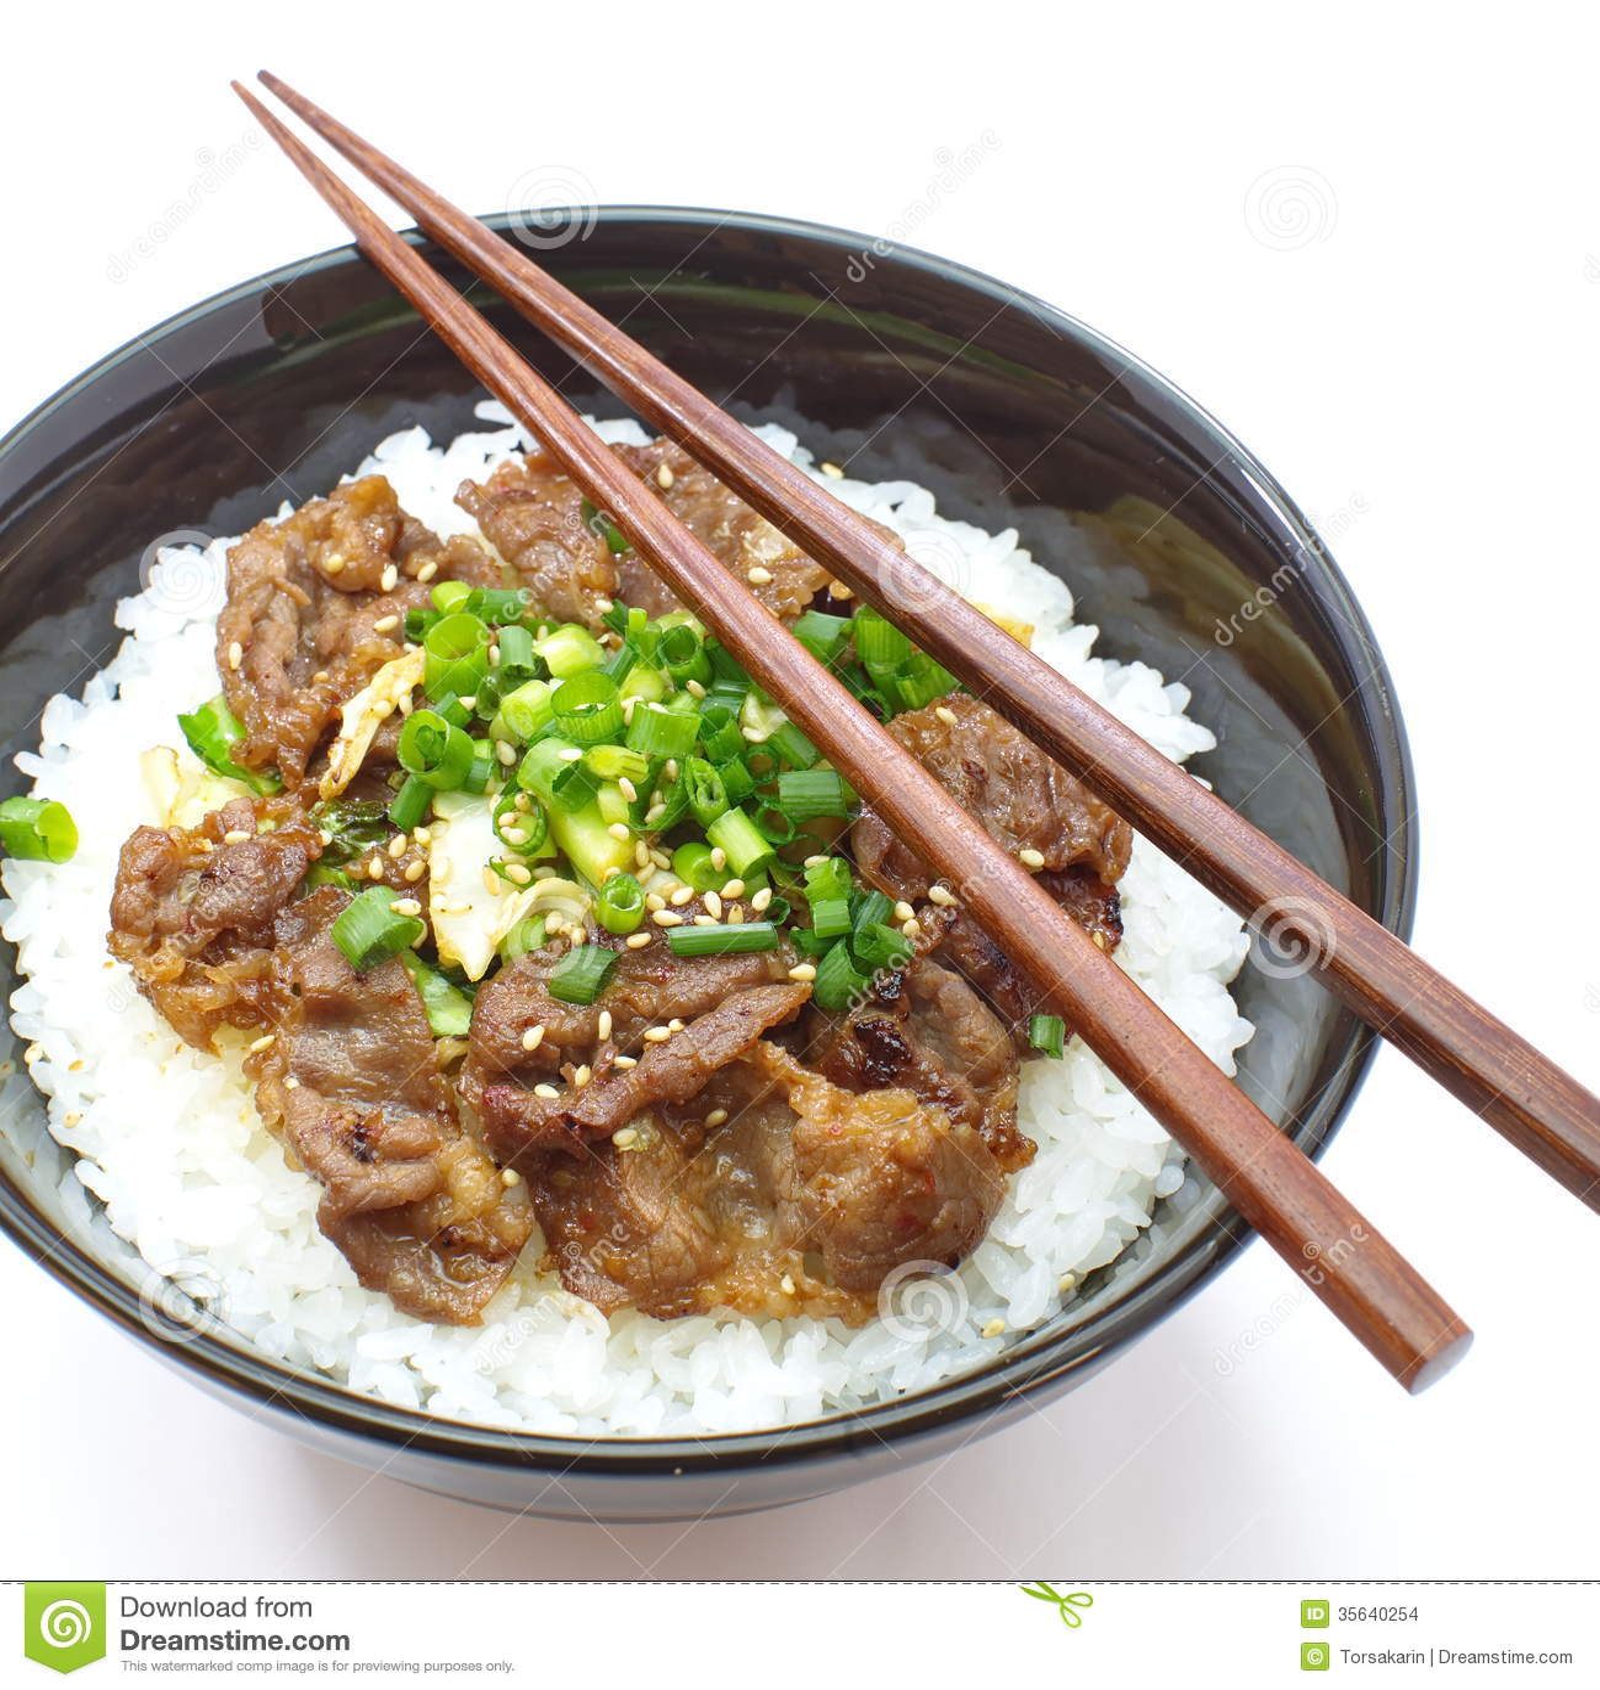 Japanese Beef Bowl, Gyudon Stock Images - Image: 35640254